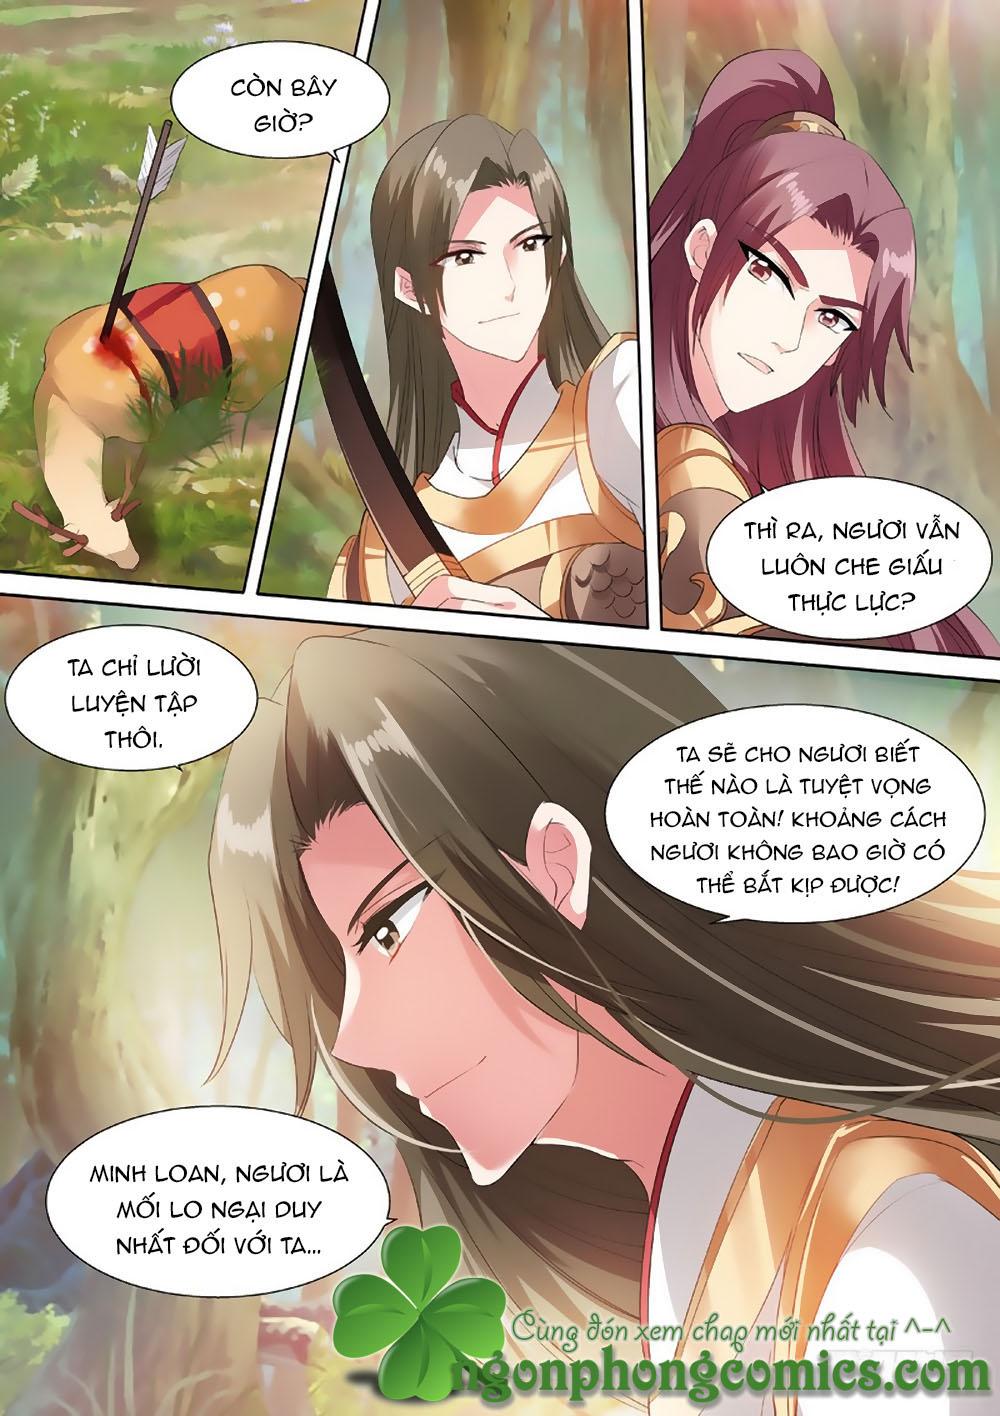 Hệ Thống Chế Tạo Nữ Thần chap 59 - Trang 9